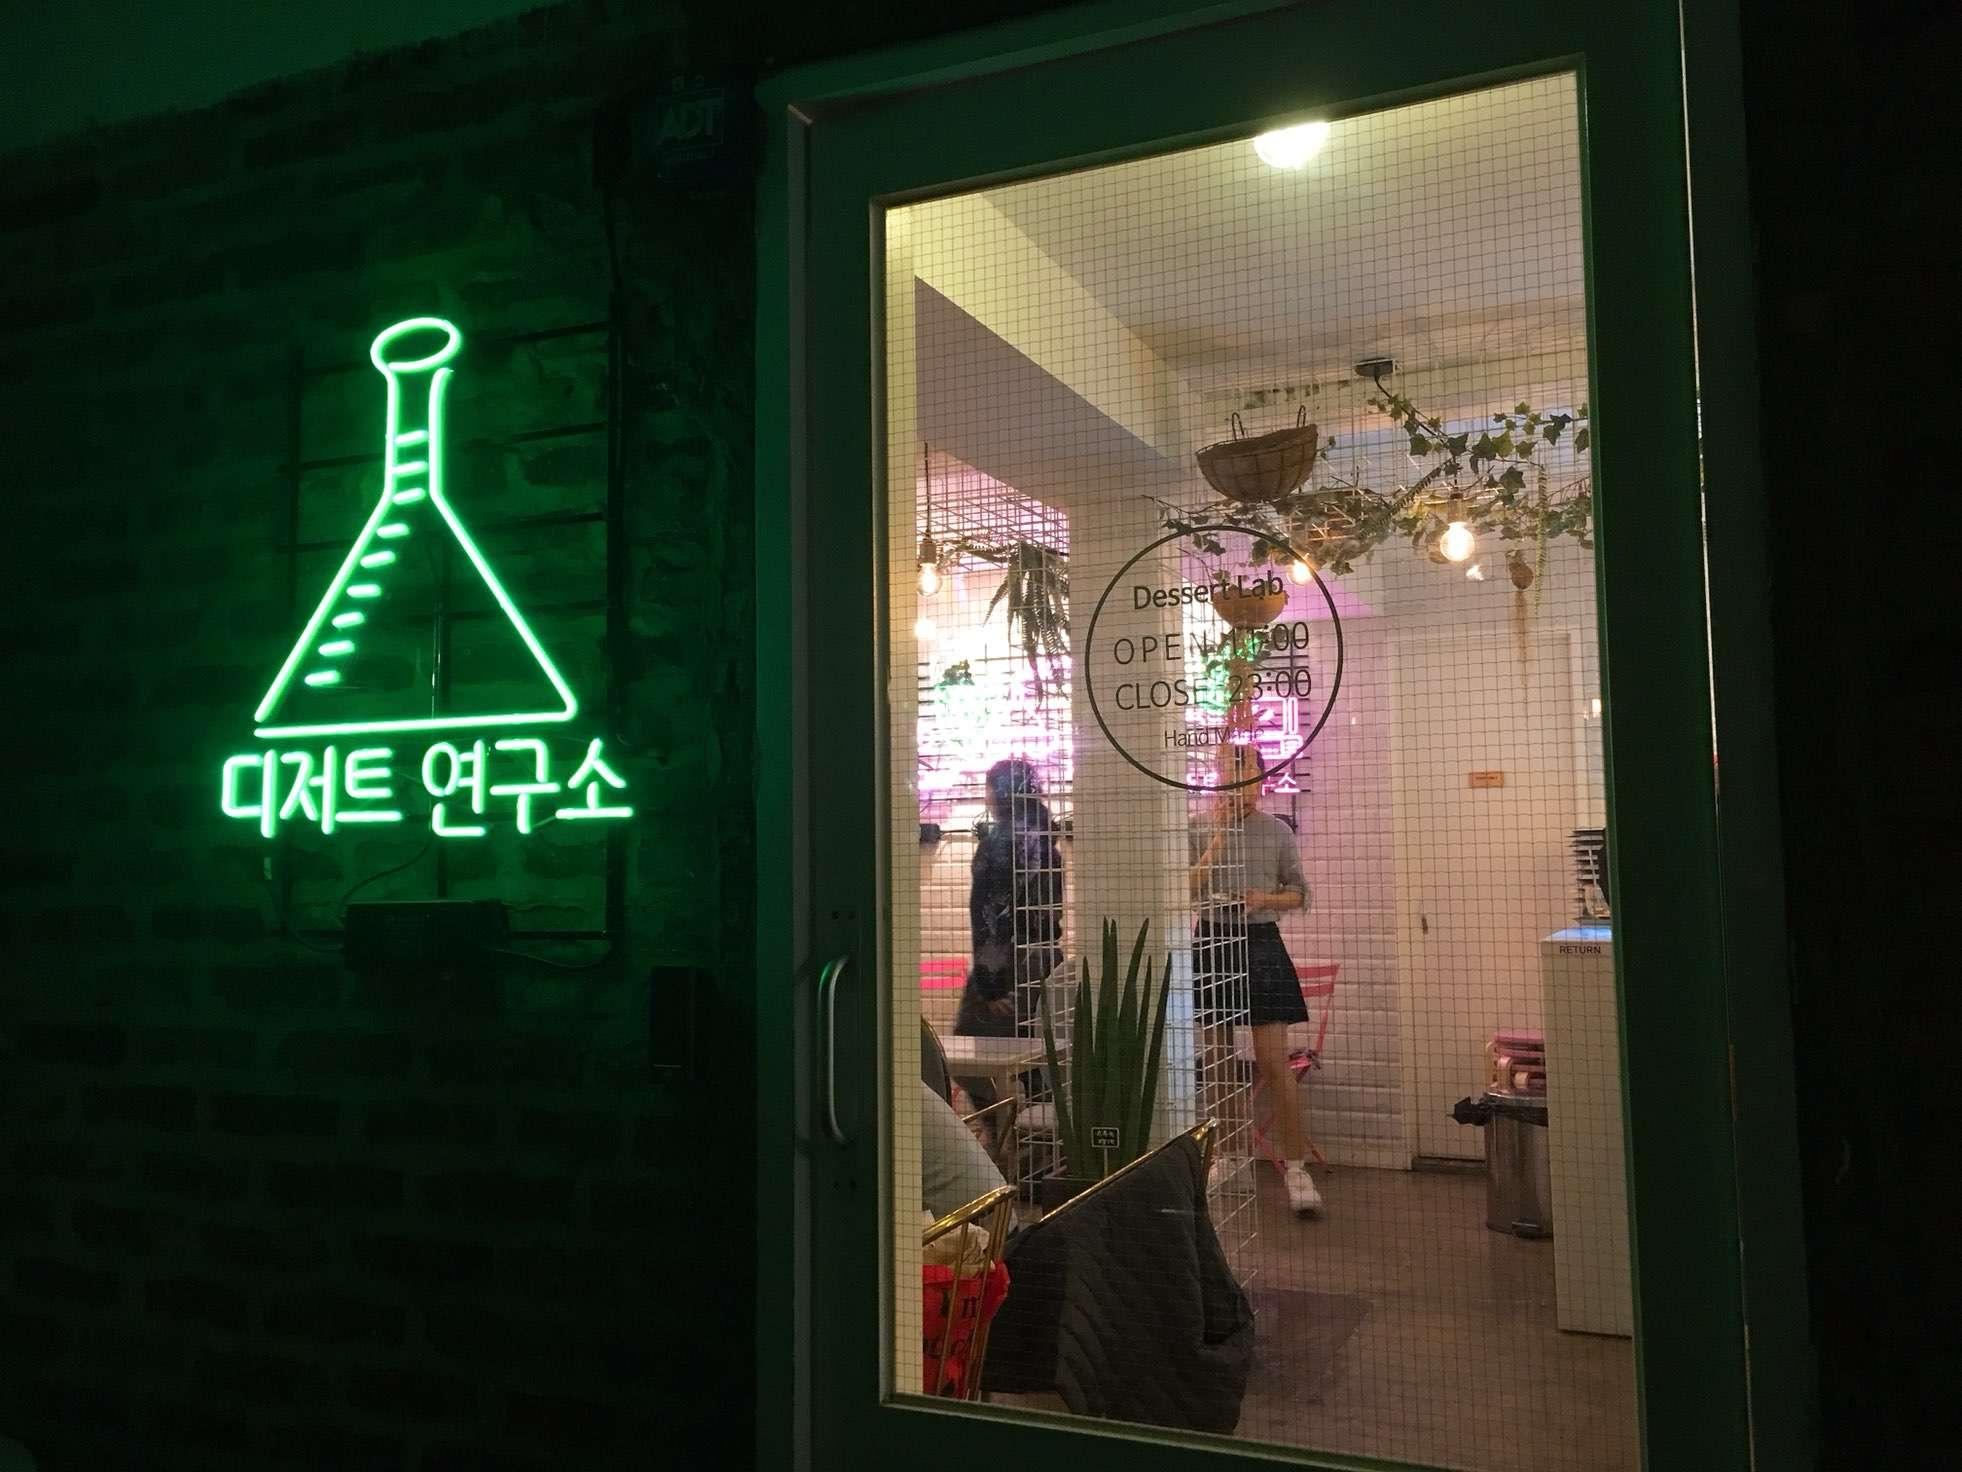 「甜點研究所」就是這間咖啡廳的名字,最近在SNS上非常有人氣,在弘大和明洞皆有分店,今天要介紹的是弘大店喔!